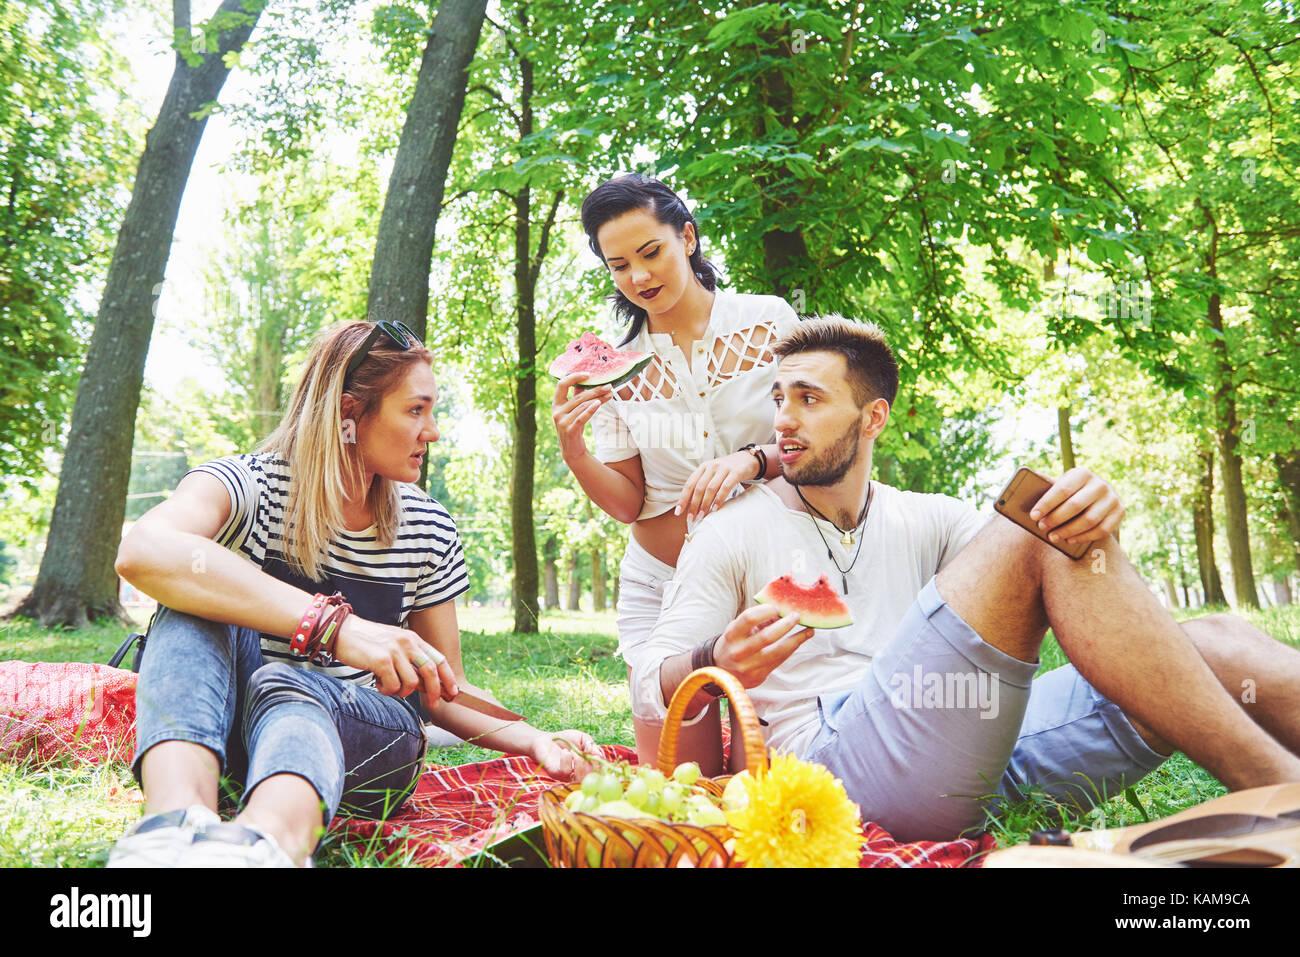 Groupe d'amis ayant pic-nic dans un parc sur une journée ensoleillée - les gens sortir, s'amuser Photo Stock